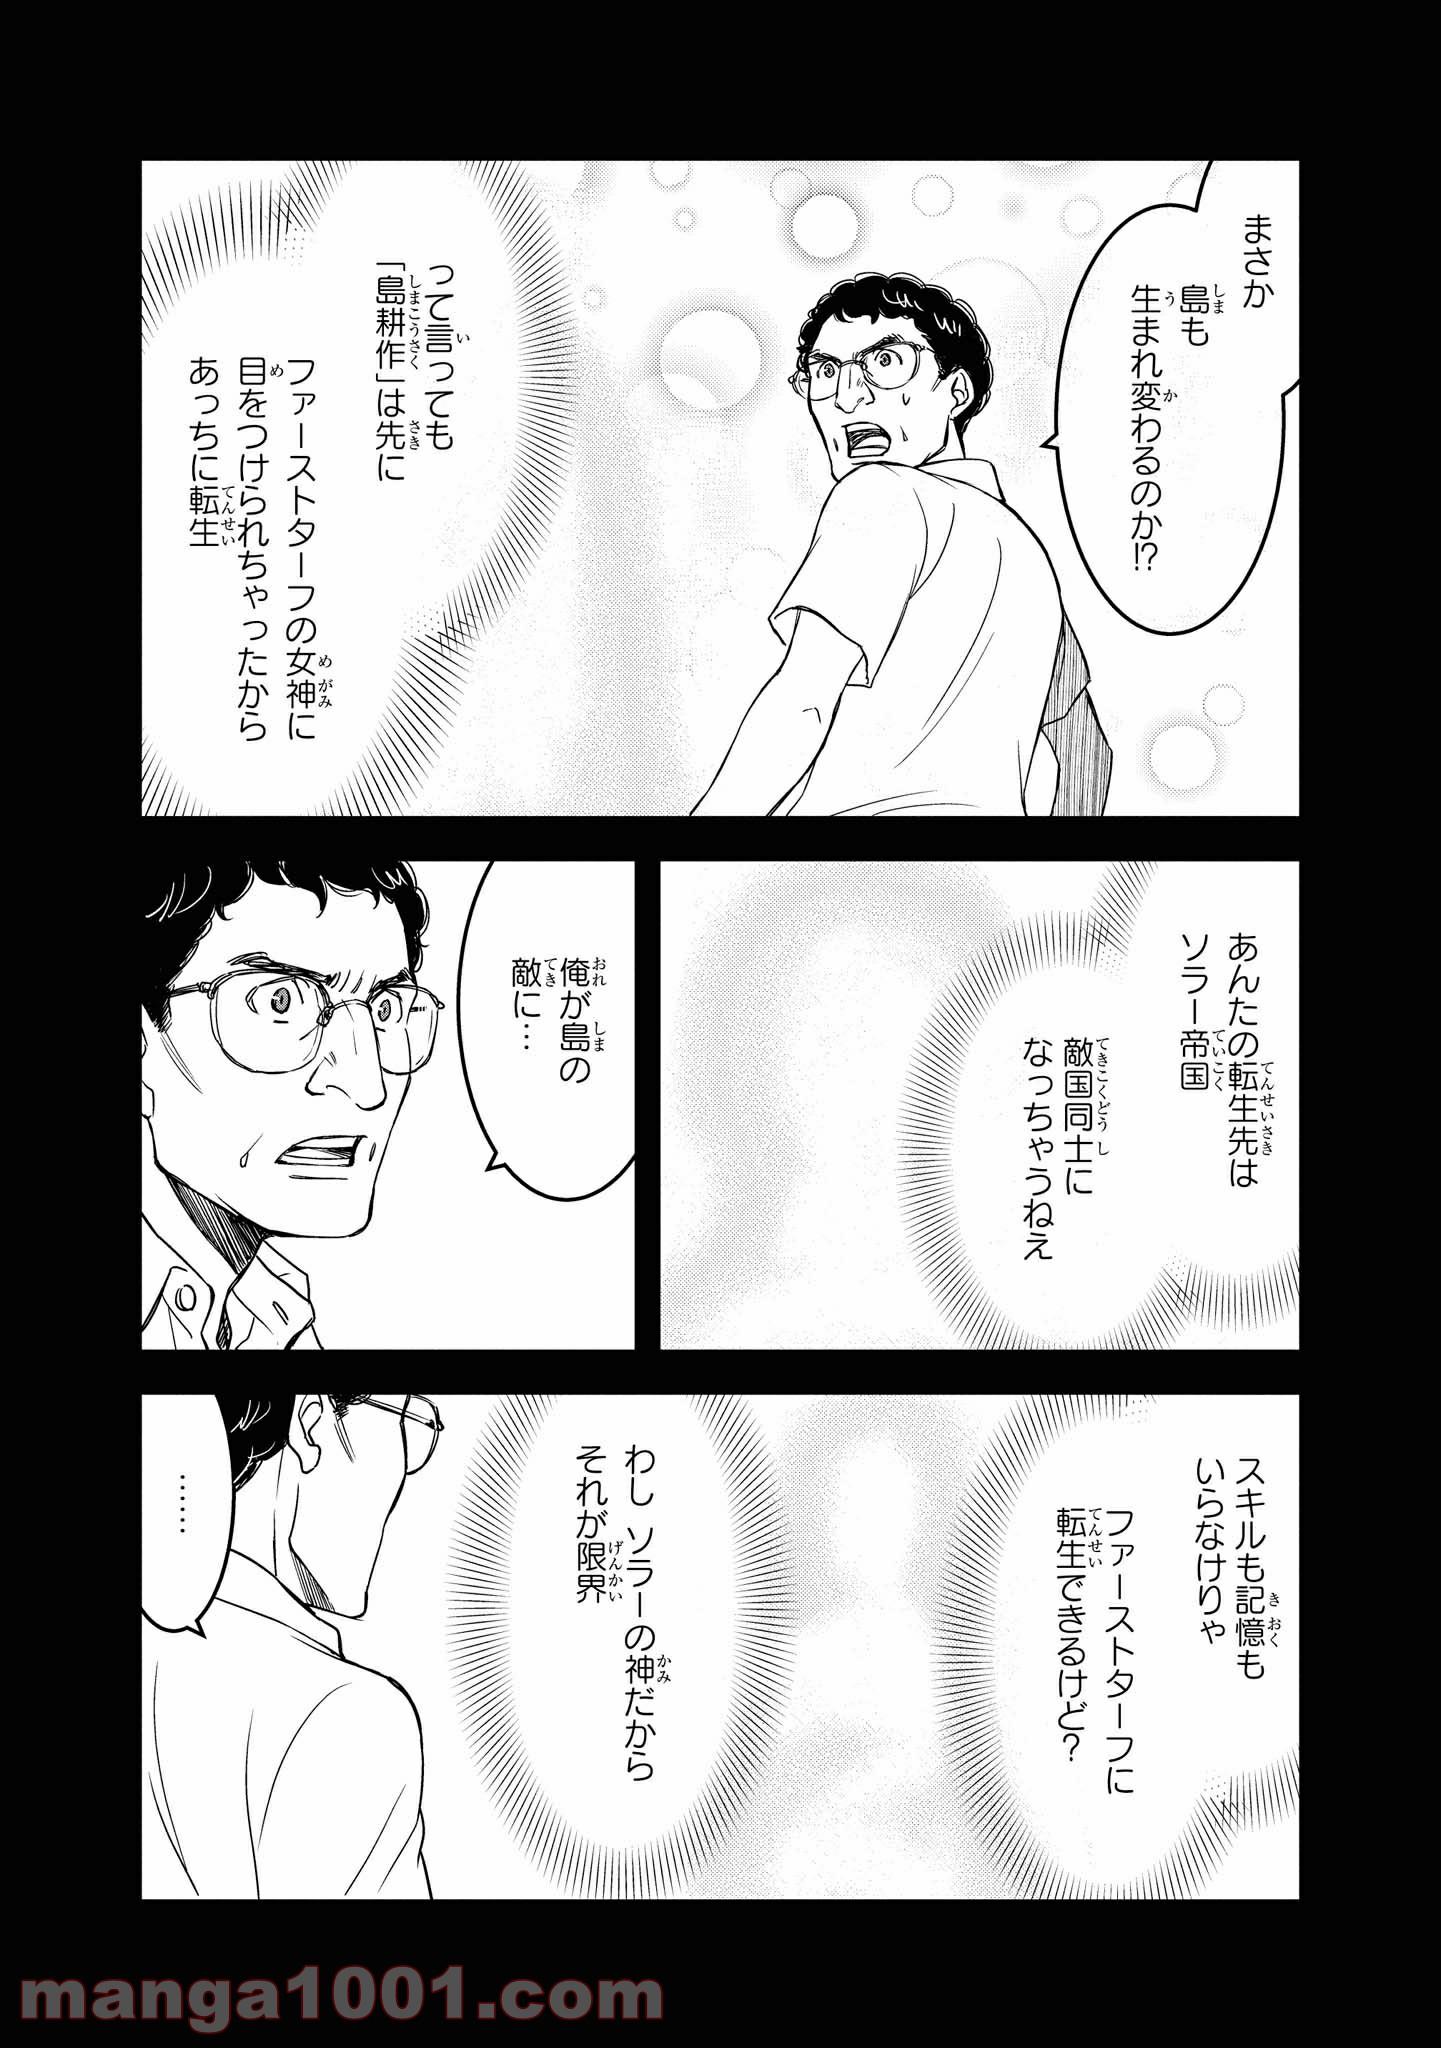 騎士団長 島耕作 - Raw 【第17話】 - Manga1001.com